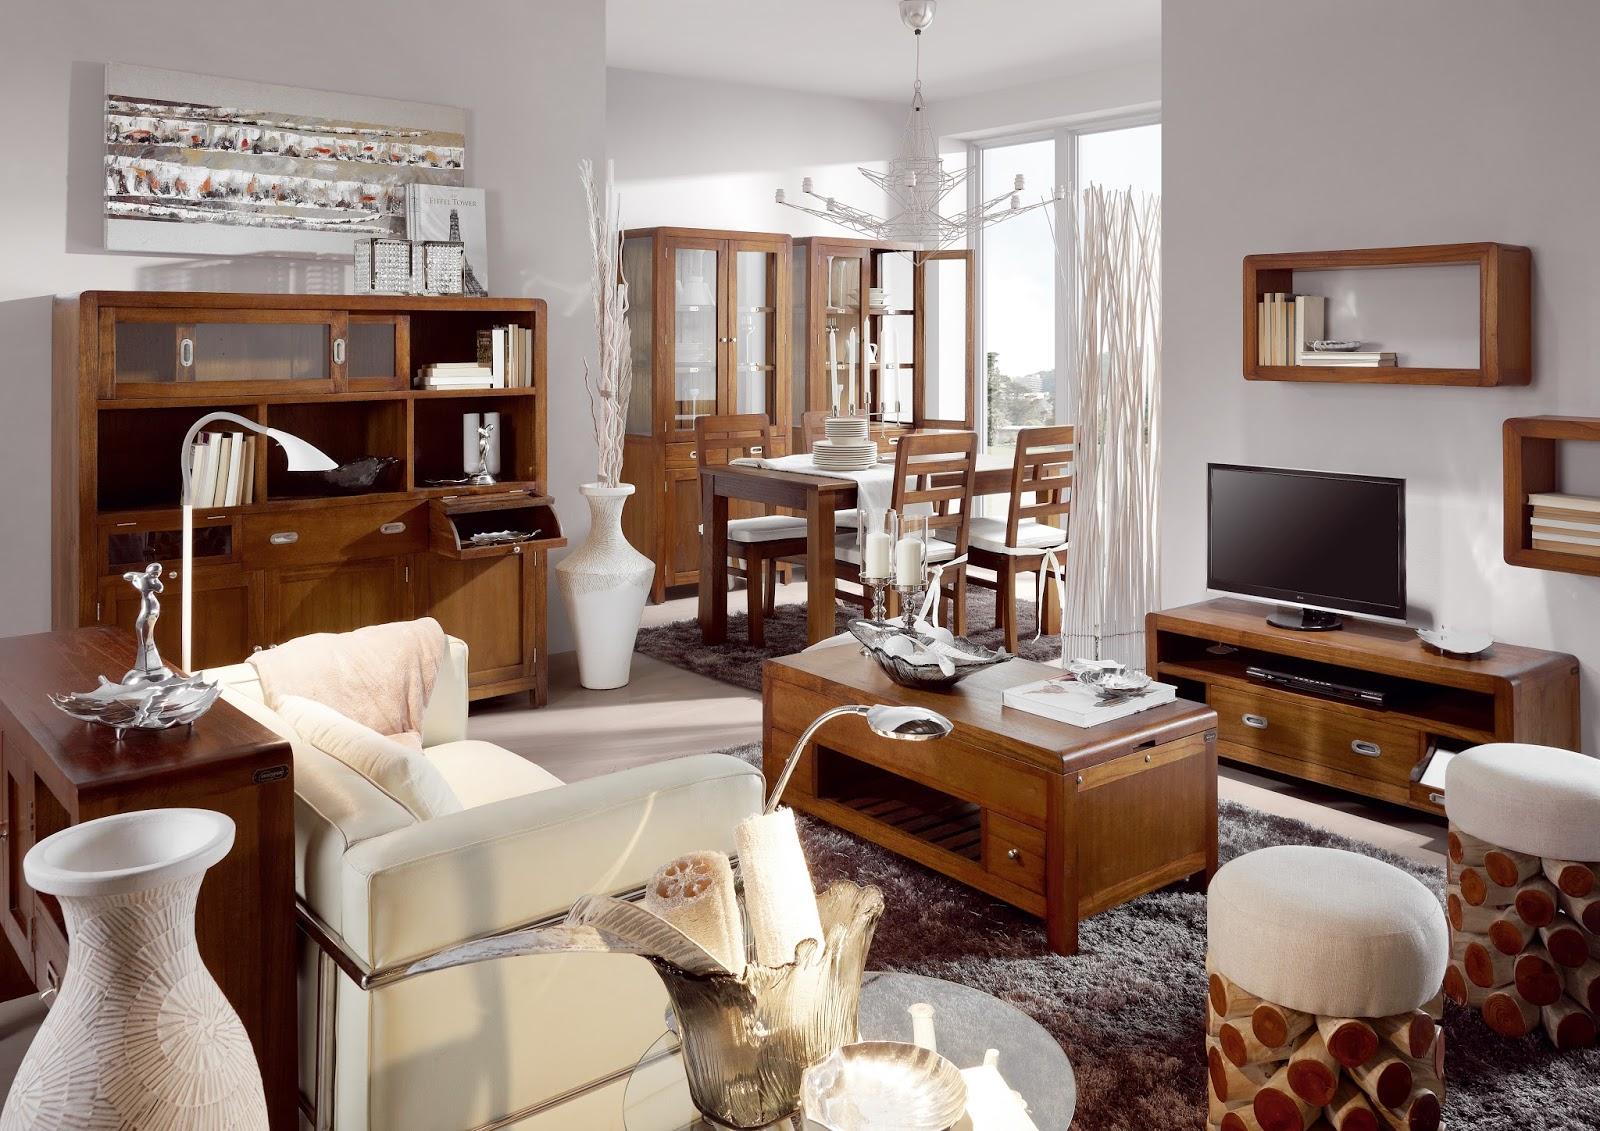 Muebles de sal n como decorar un salon colonial - Decoracion salon colonial ...